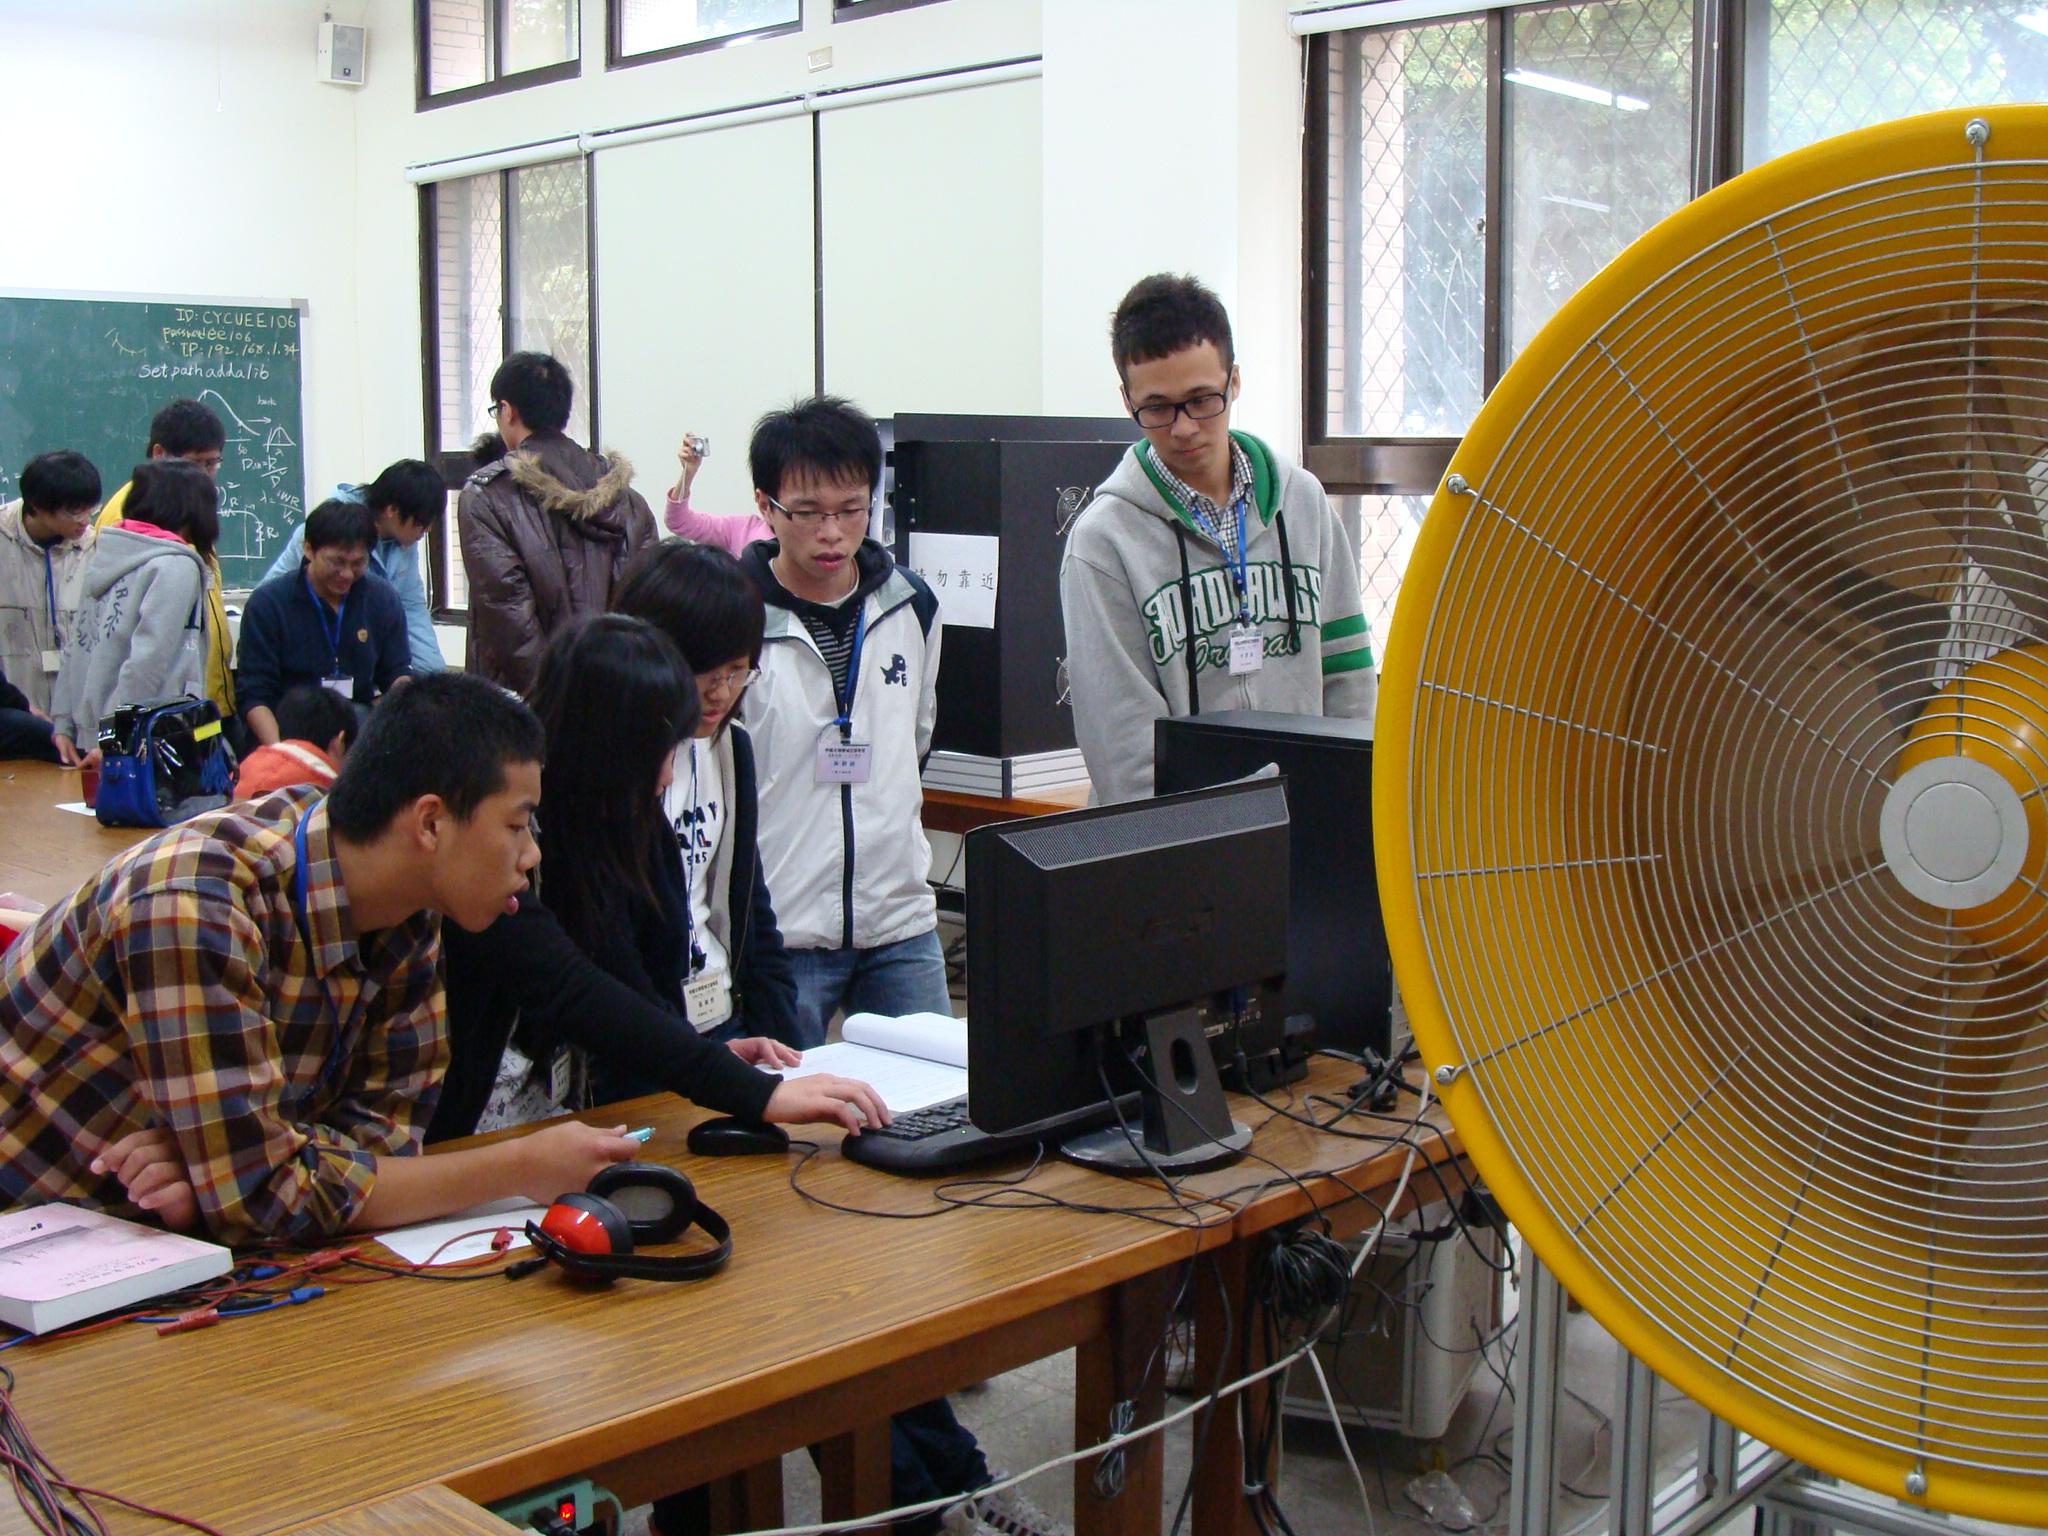 體驗一日大學生 中原電機大學體驗營吸引高中生參與